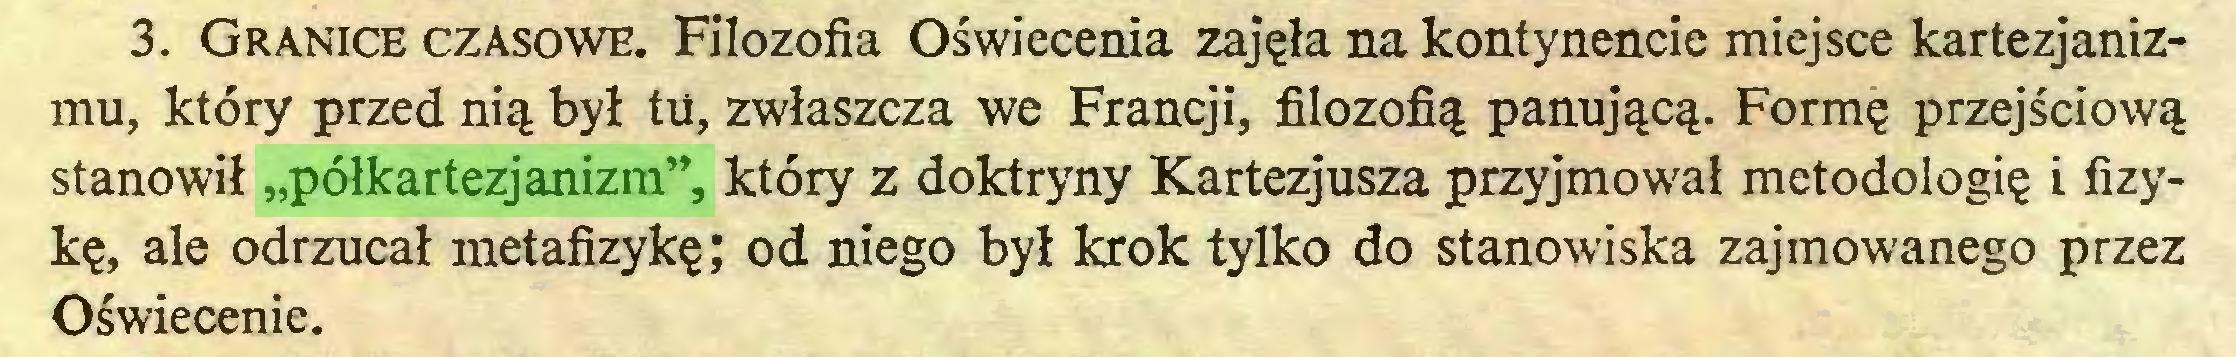 """(...) 3. Granice czasowe. Filozofia Oświecenia zajęła na kontynencie miejsce kartezjanizmu, który przed nią był tu, zwłaszcza we Francji, filozofią panującą. Formę przejściową stanowił """"półkartezjanizm"""", który z doktryny Kartezjusza przyjmował metodologię i fizykę, ale odrzucał metafizykę; od niego był krok tylko do stanowiska zajmowanego przez Oświecenie..."""